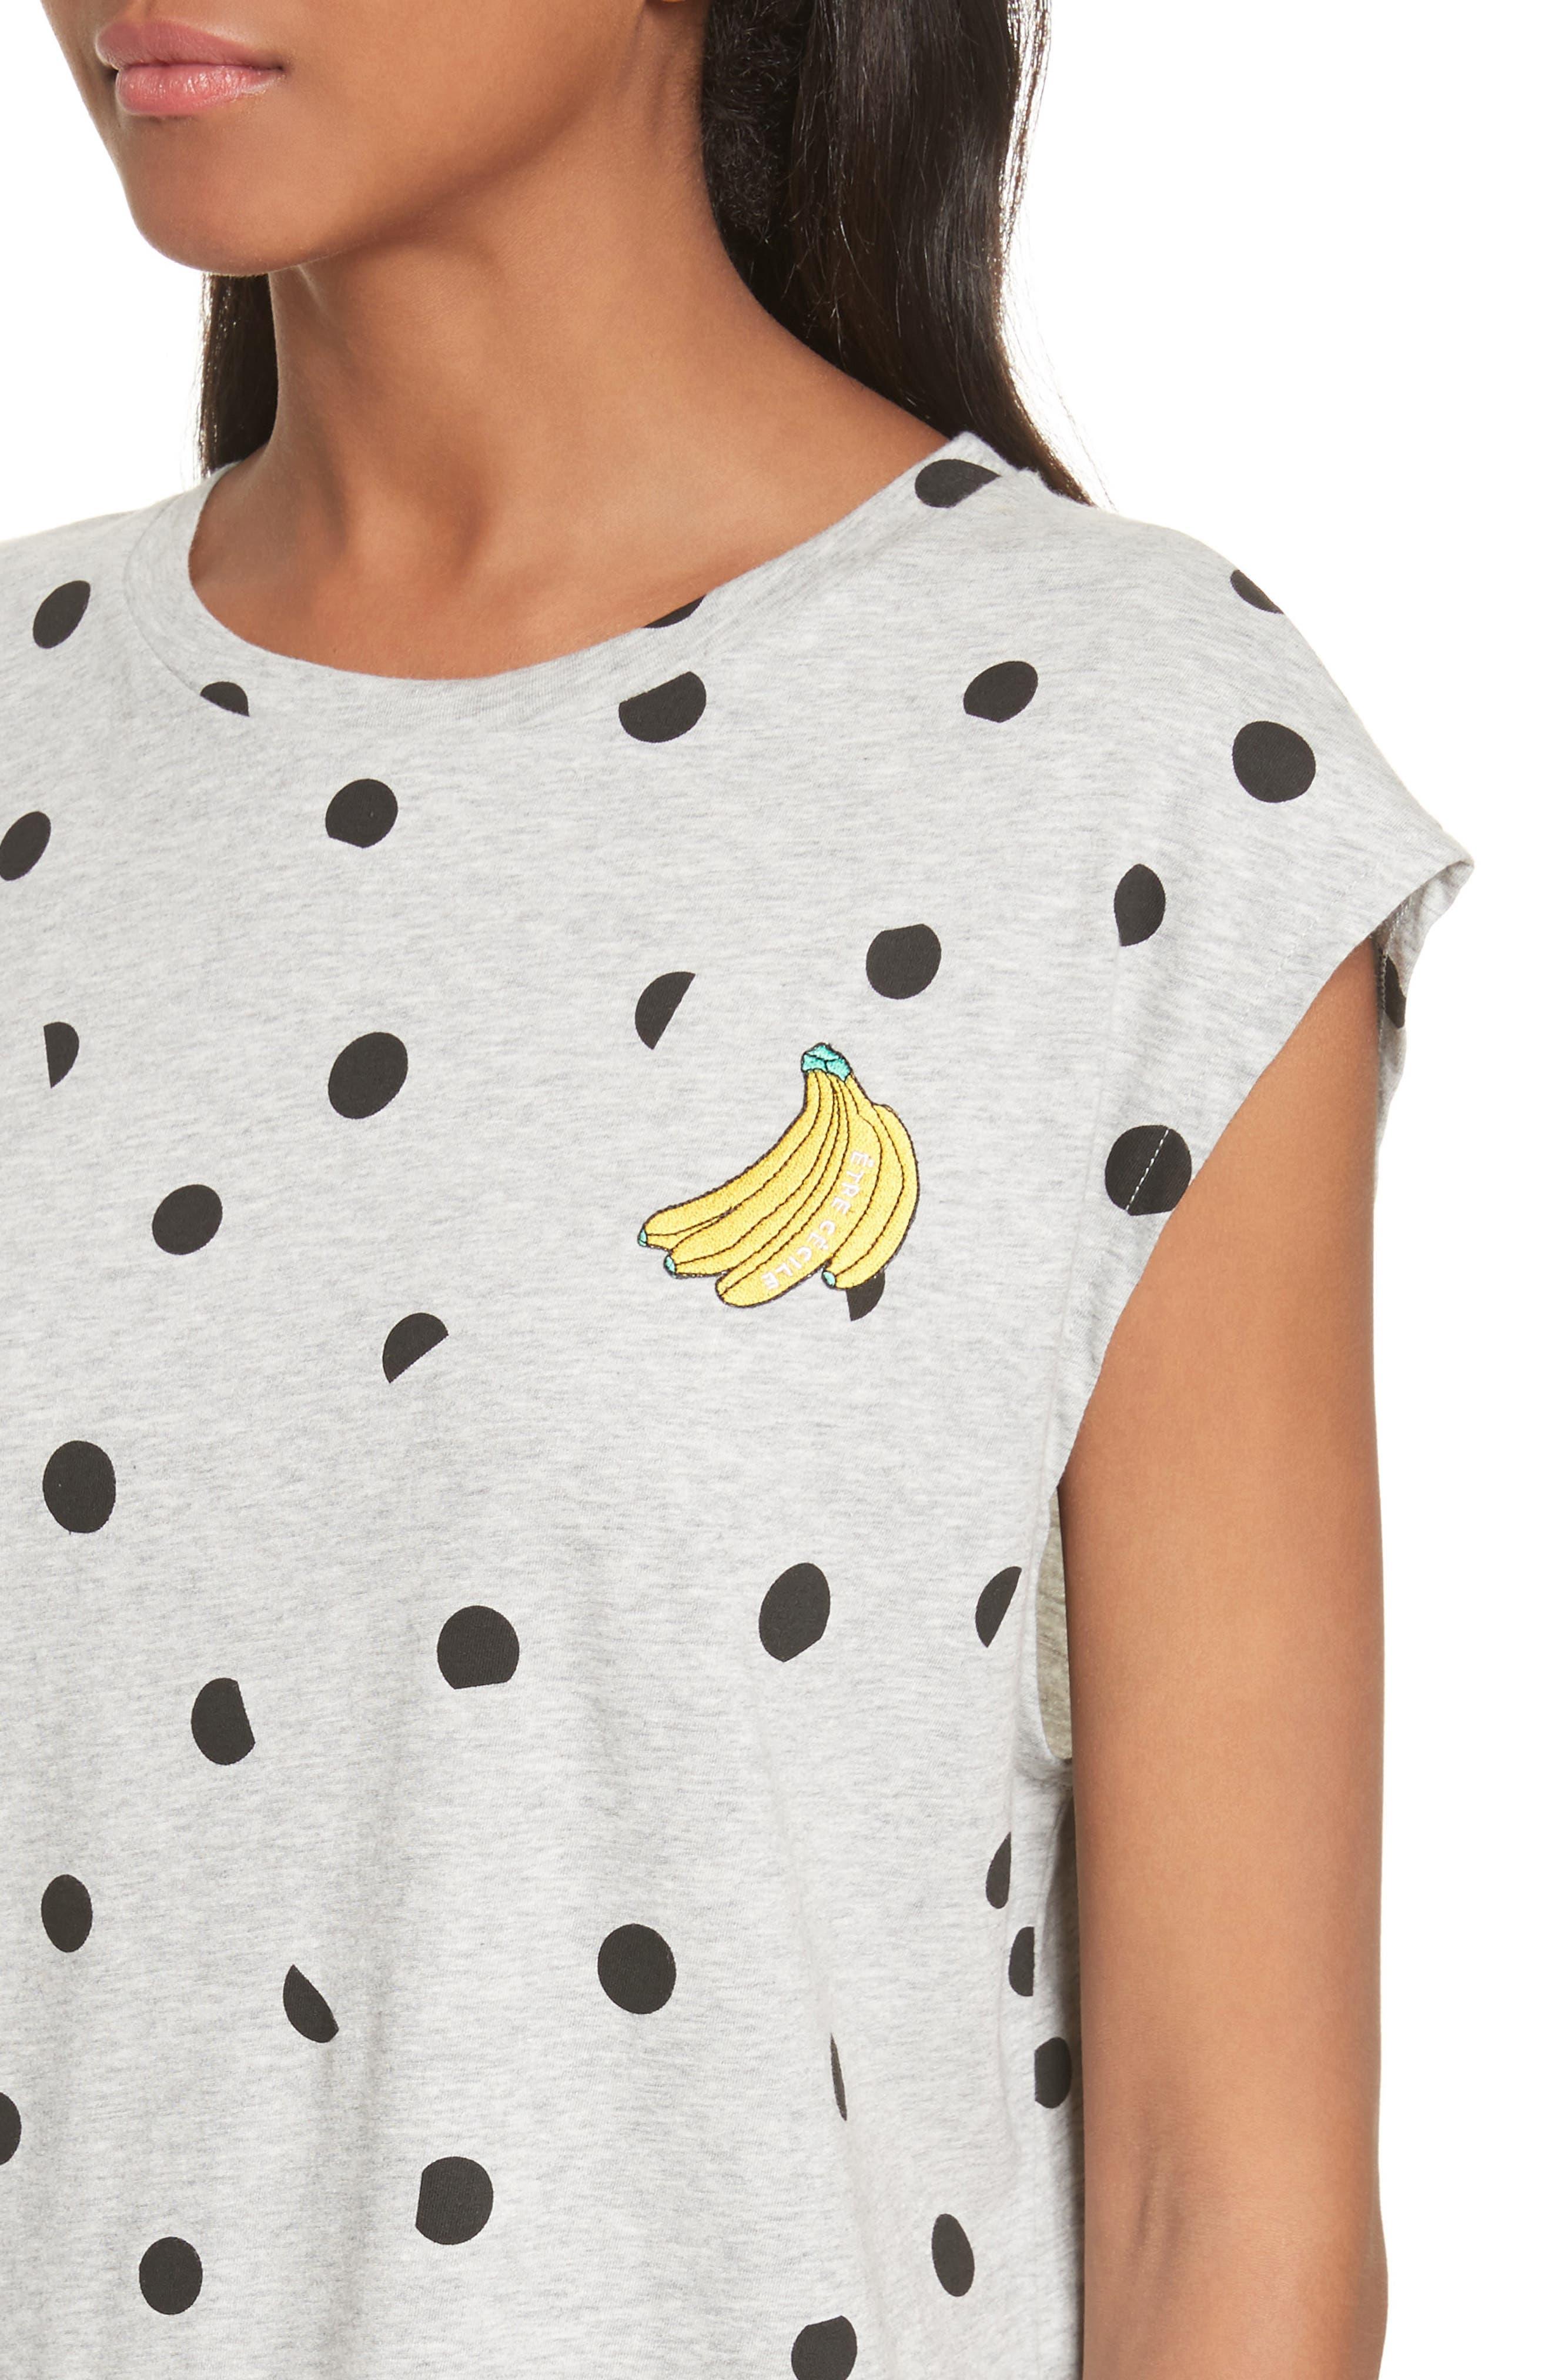 être cécile Banana Dot Boyfriend Tank,                             Alternate thumbnail 4, color,                             Grey Marl/ Black Dot